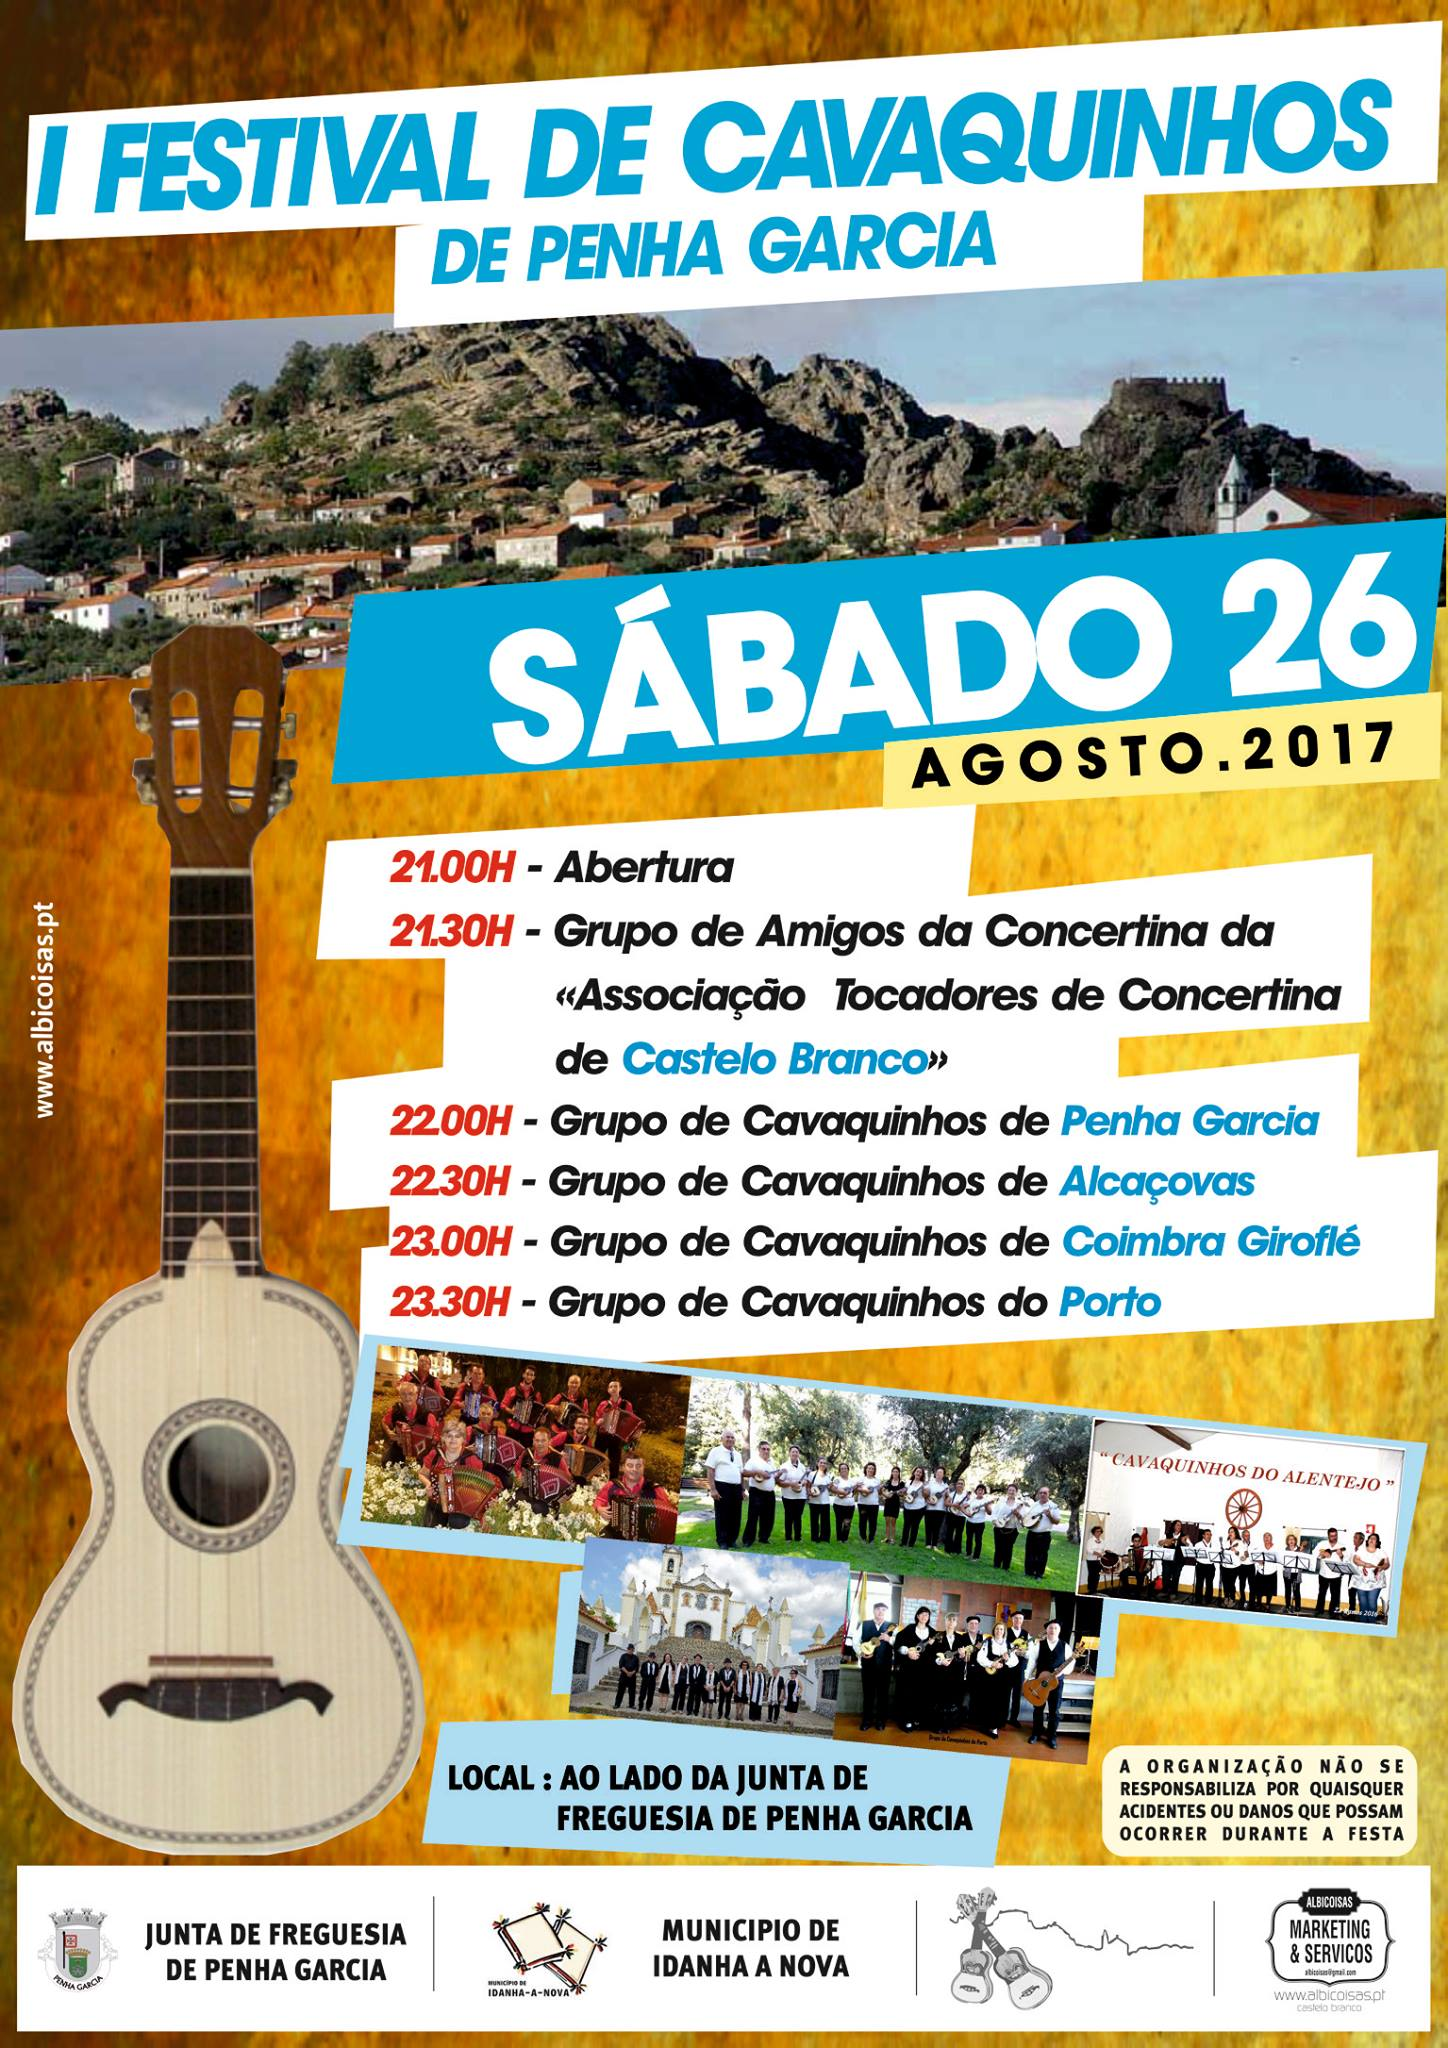 Idanha-a-Nova: Penha Garcia recebe 1º Festival de Cavaquinhos dia 26